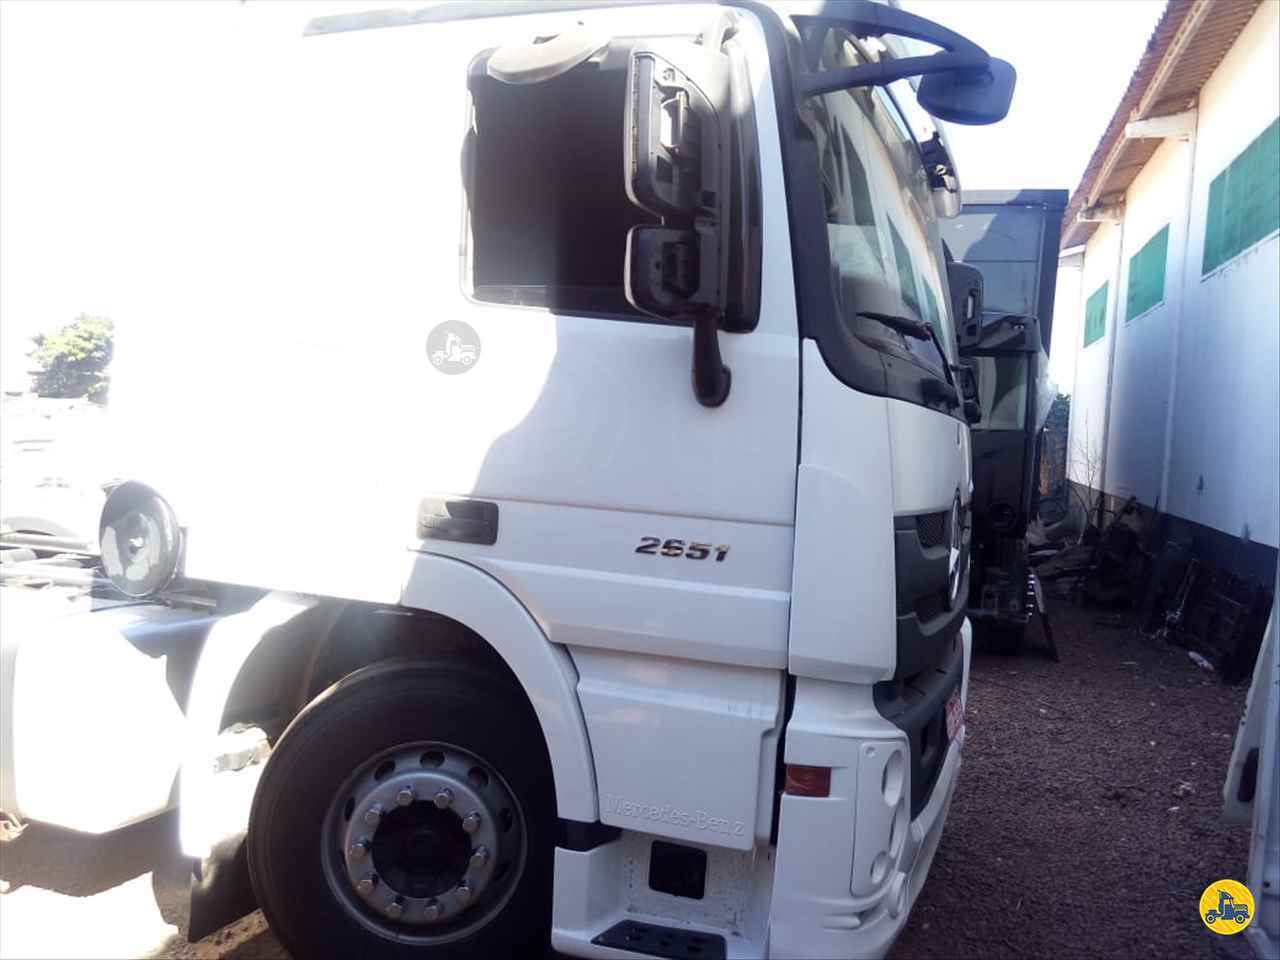 CAMINHAO MERCEDES-BENZ MB 2651 Cavalo Mecânico Traçado 6x4 Maracavel Londrina Caminhões LONDRINA PARANÁ PR